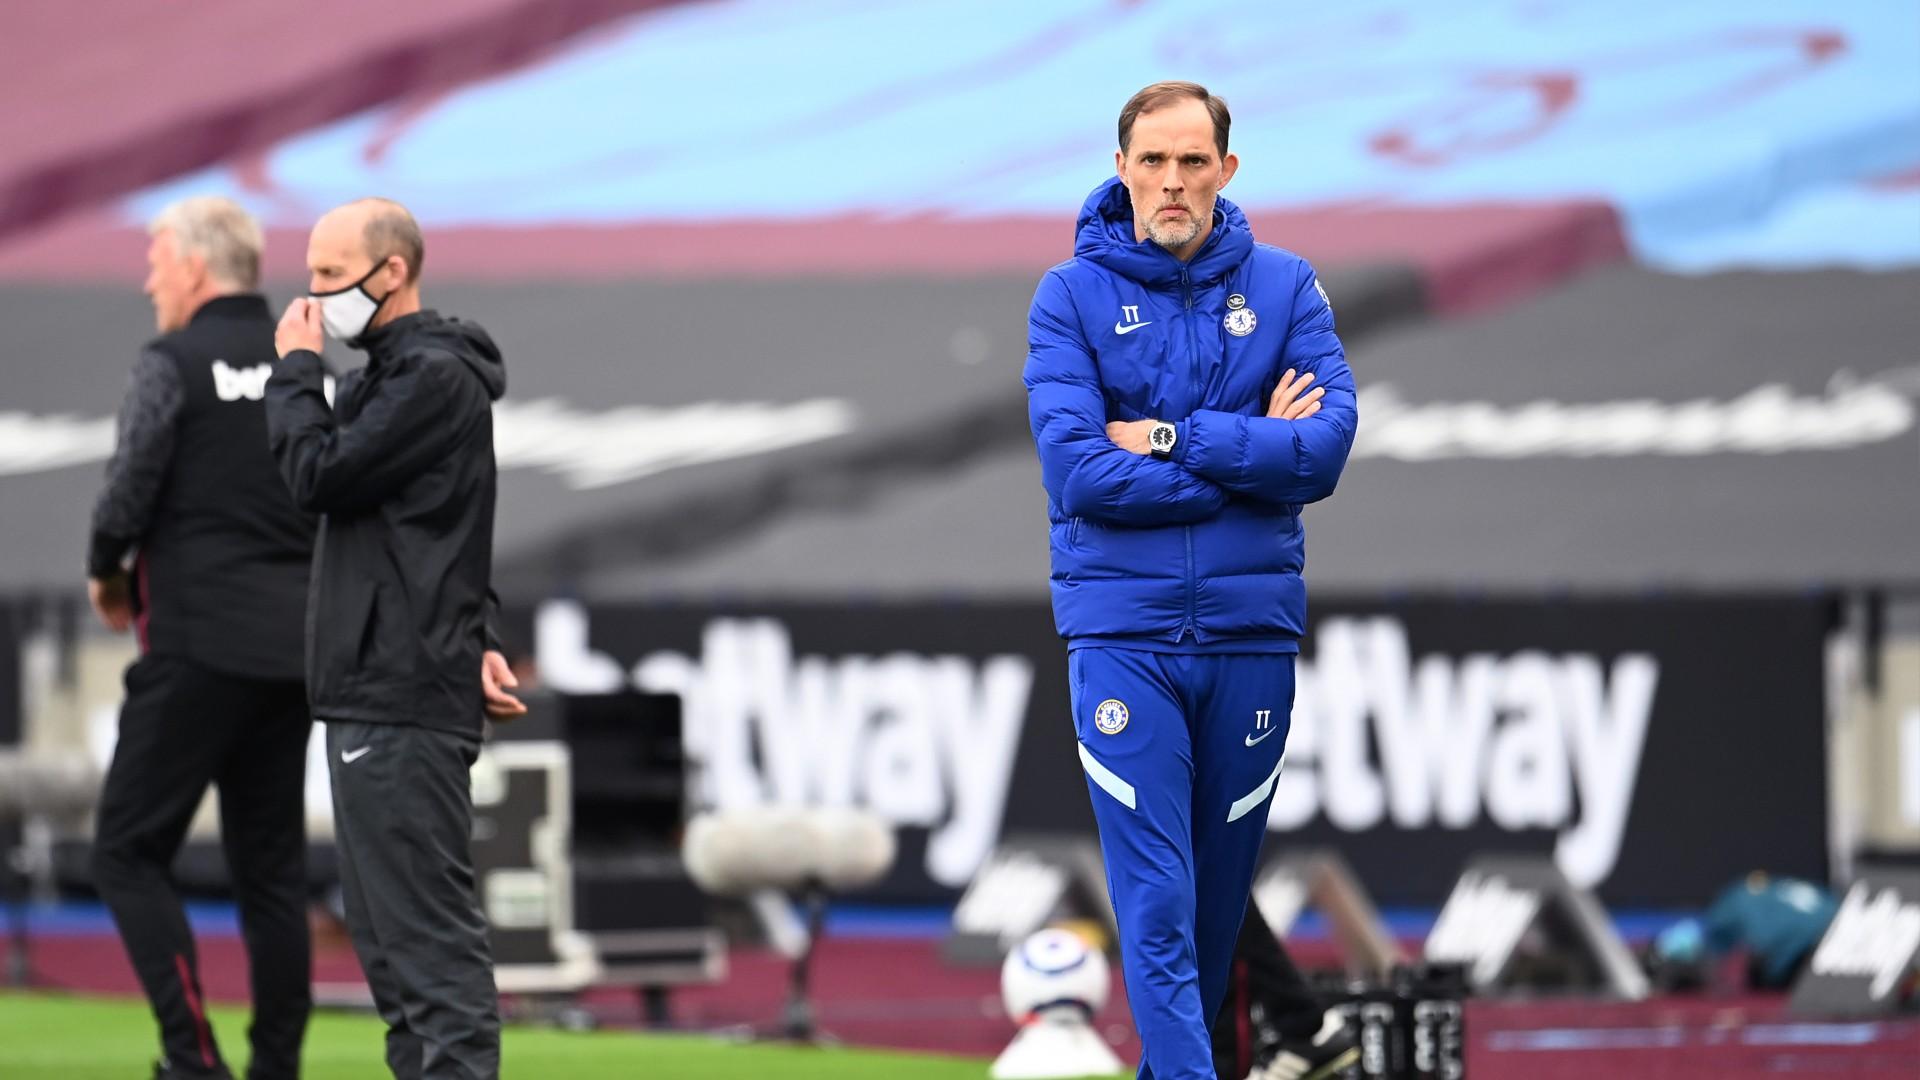 Thomas Tuchel Chelsea West Ham 2020-21